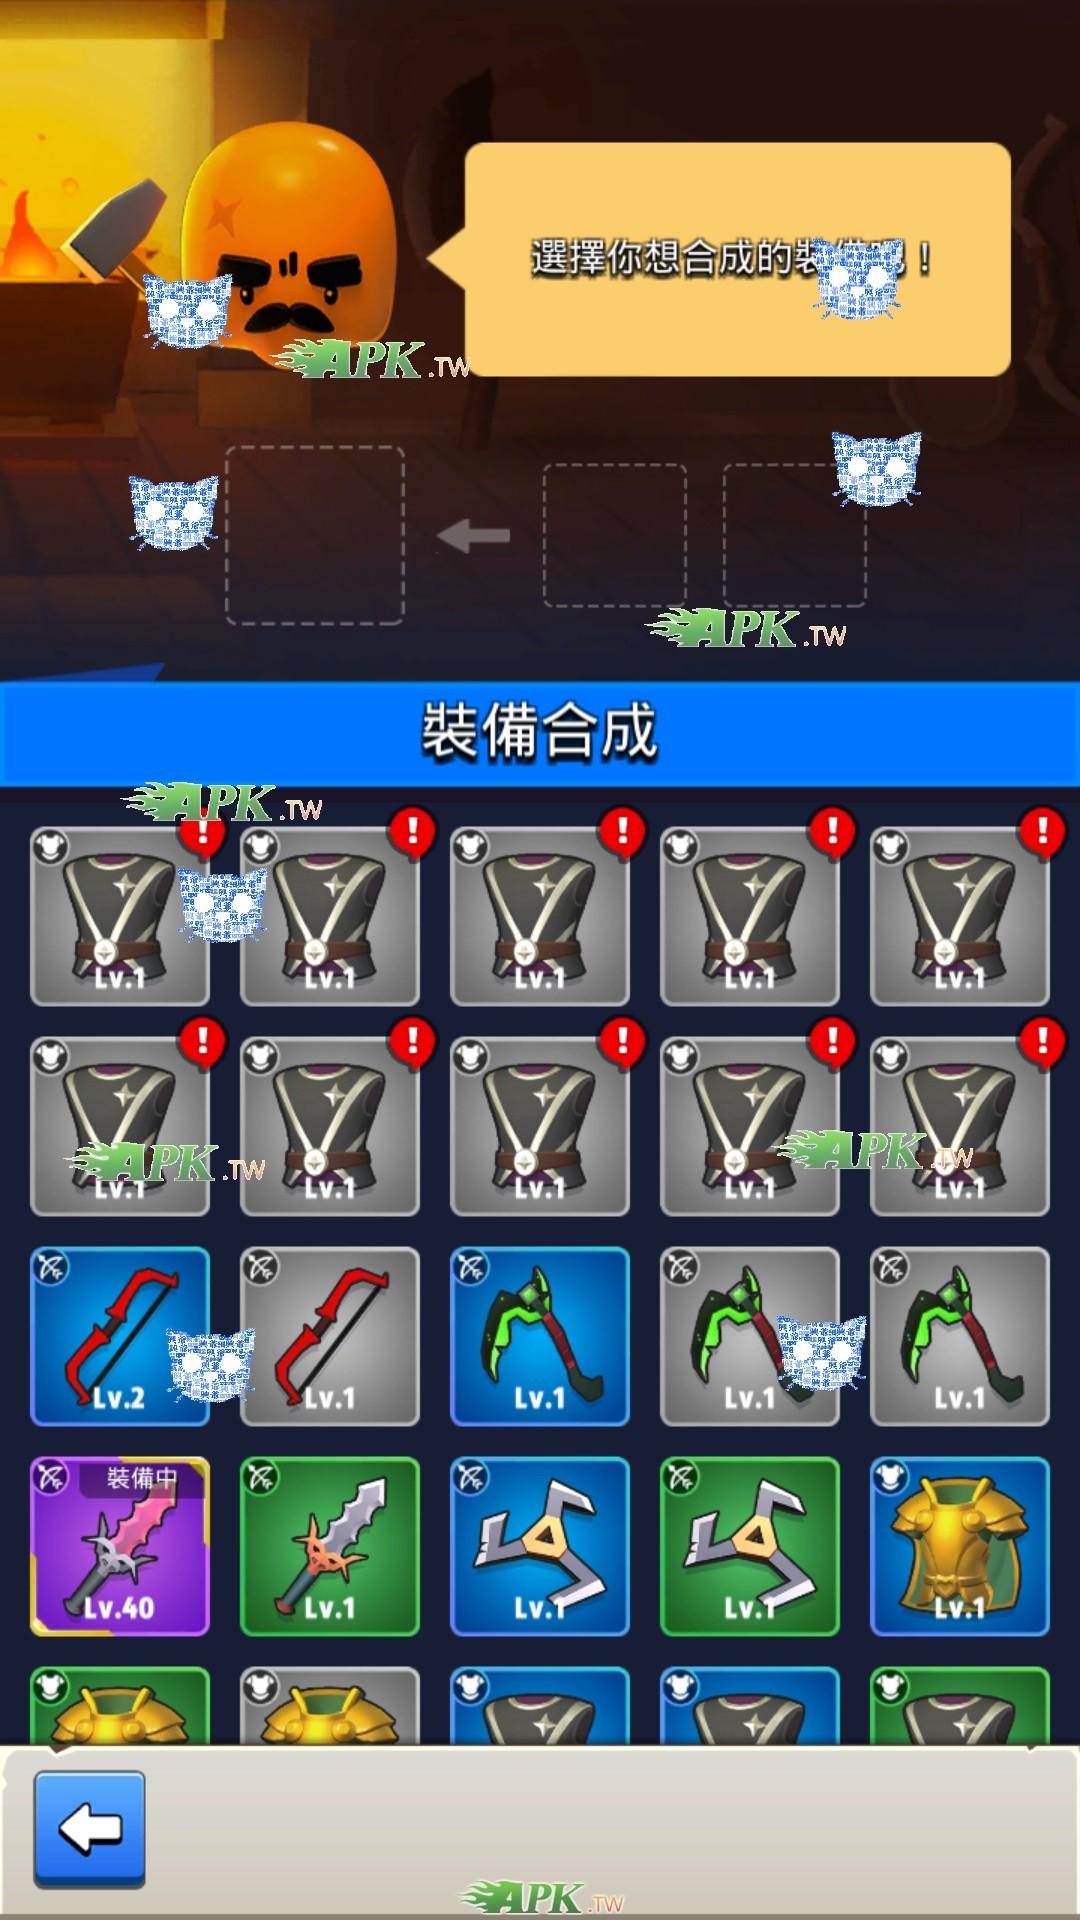 Screenshot_2019-11-24-13-30-39.jpg